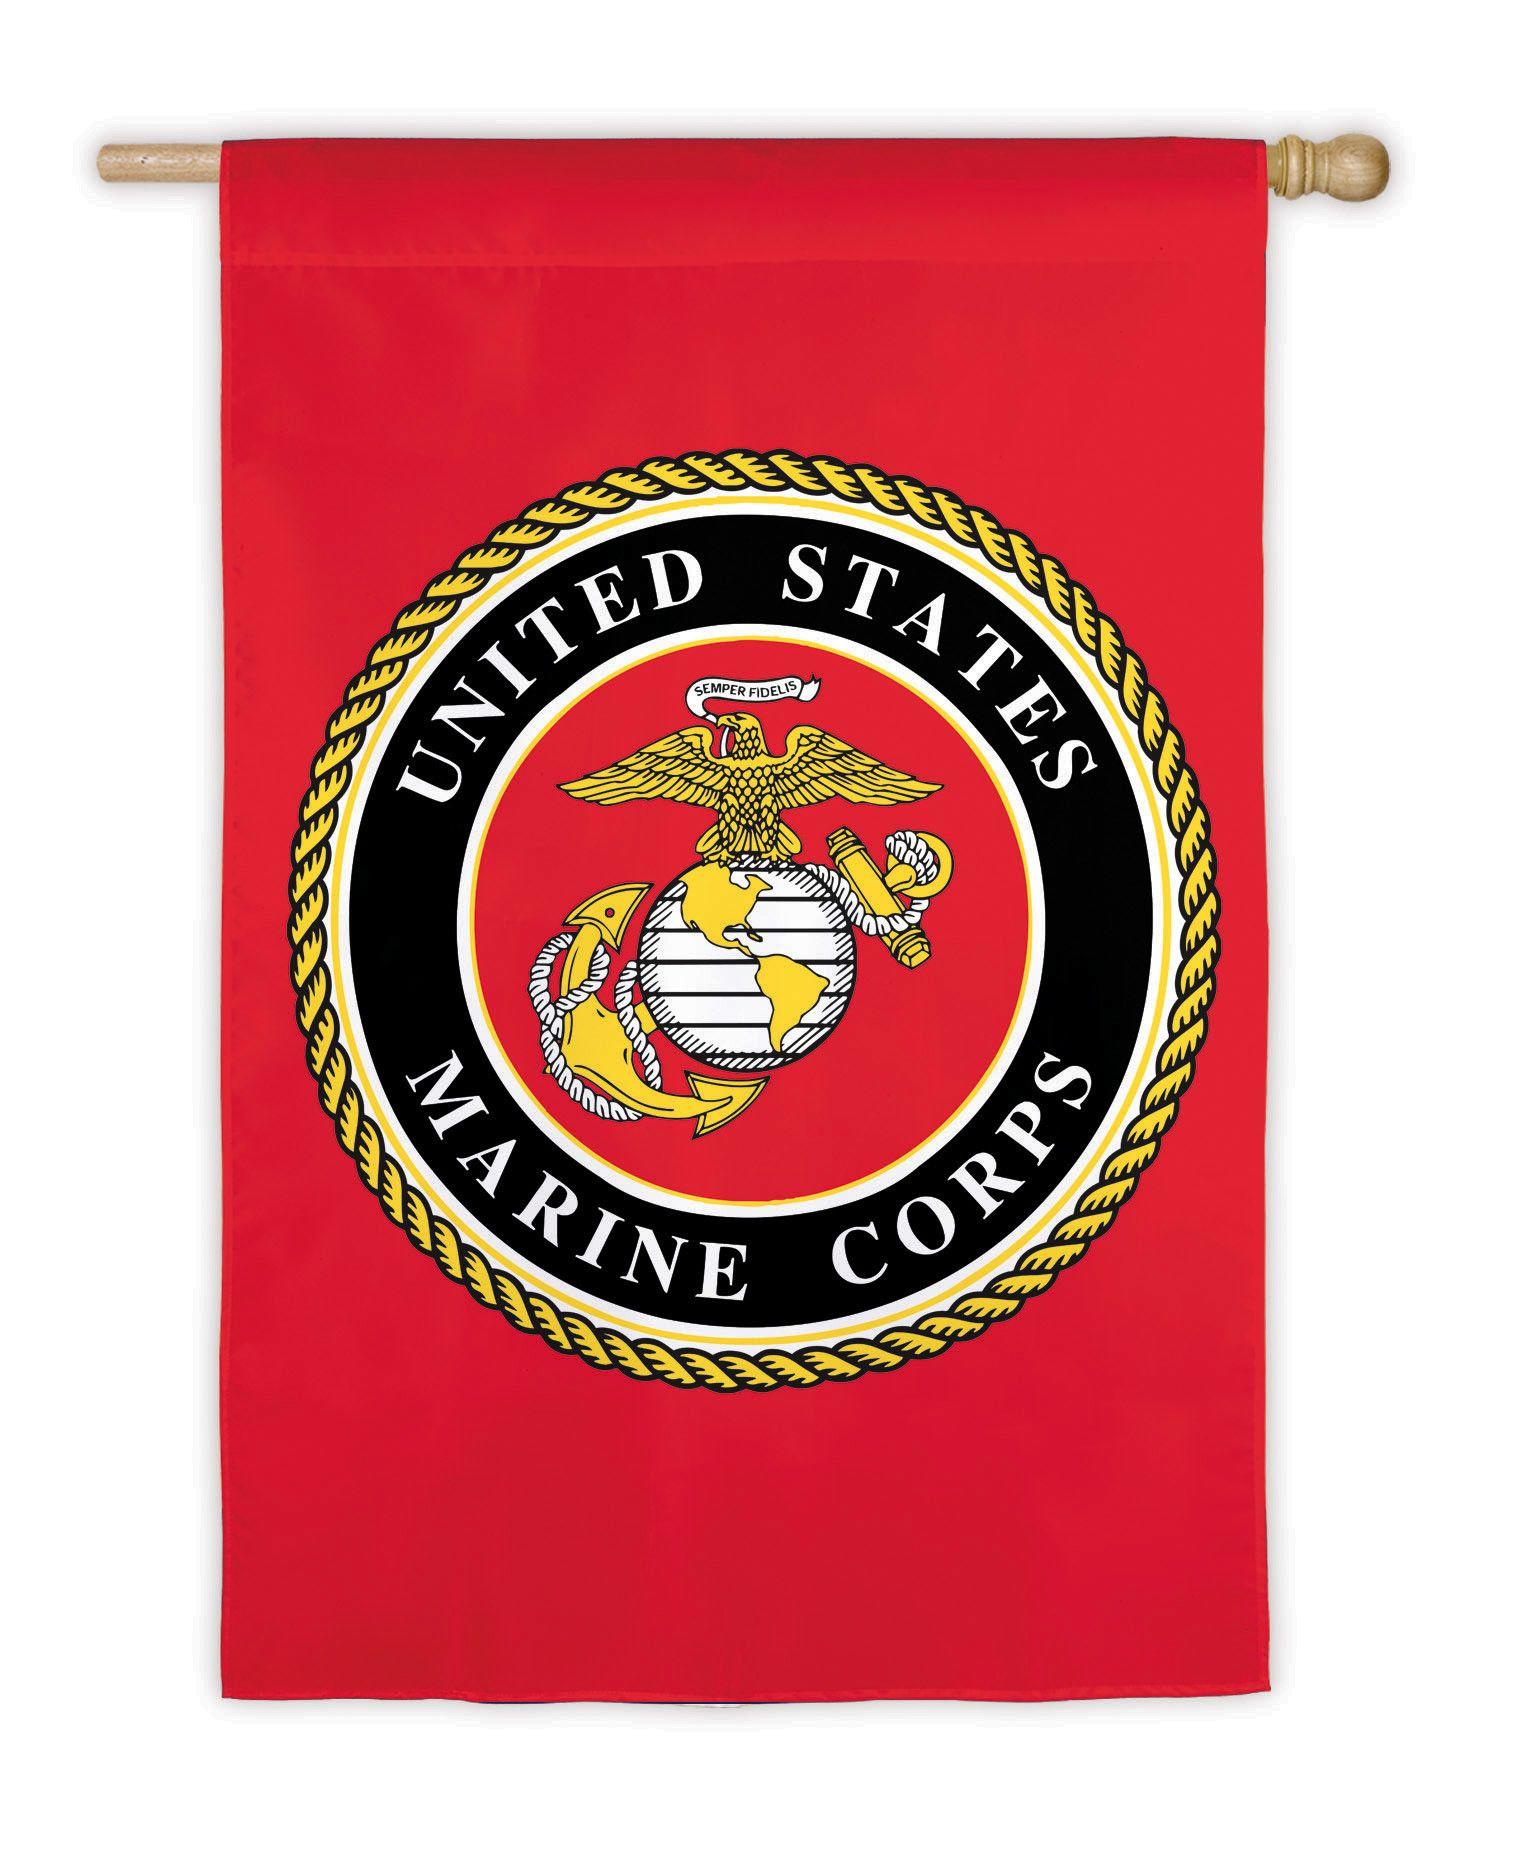 Marine Corps Flag Marine corps, Marine flag, Military flag